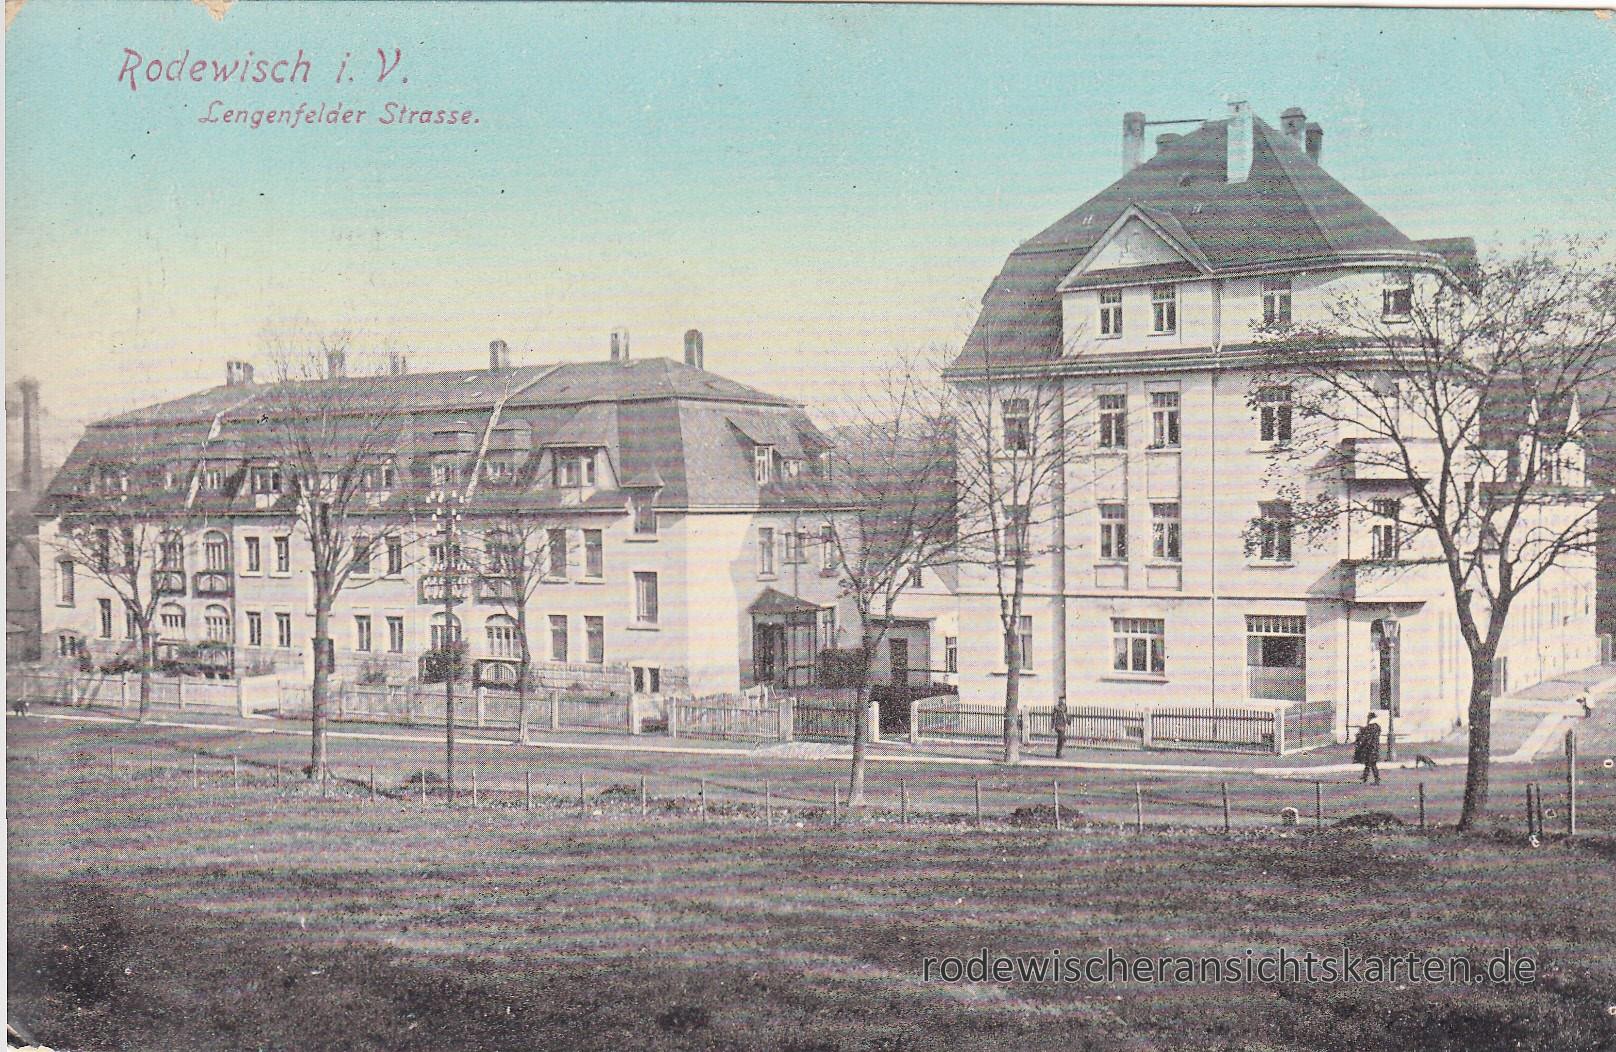 Lengenfelder Straße   Ansichtskarten aus Rodewisch